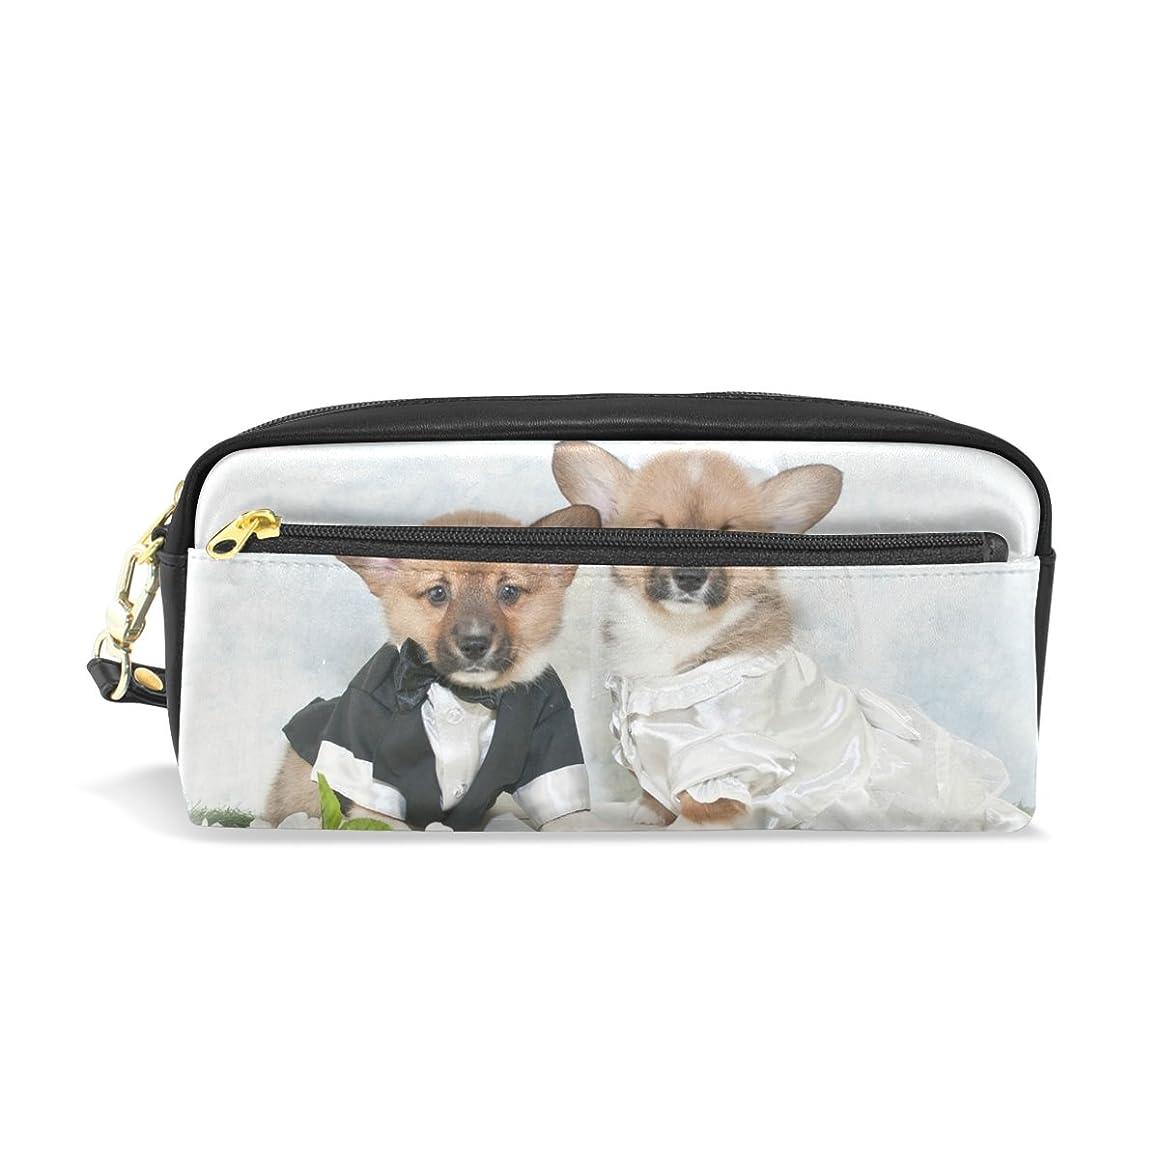 眠いですドーム電気的AOMOKI ペンケース ペンポーチ かわいい おしゃれ 化粧ポーチ 小物入り 多機能バッグ 男女兼用 プレゼント ギフト かわいい コギ かわいい犬